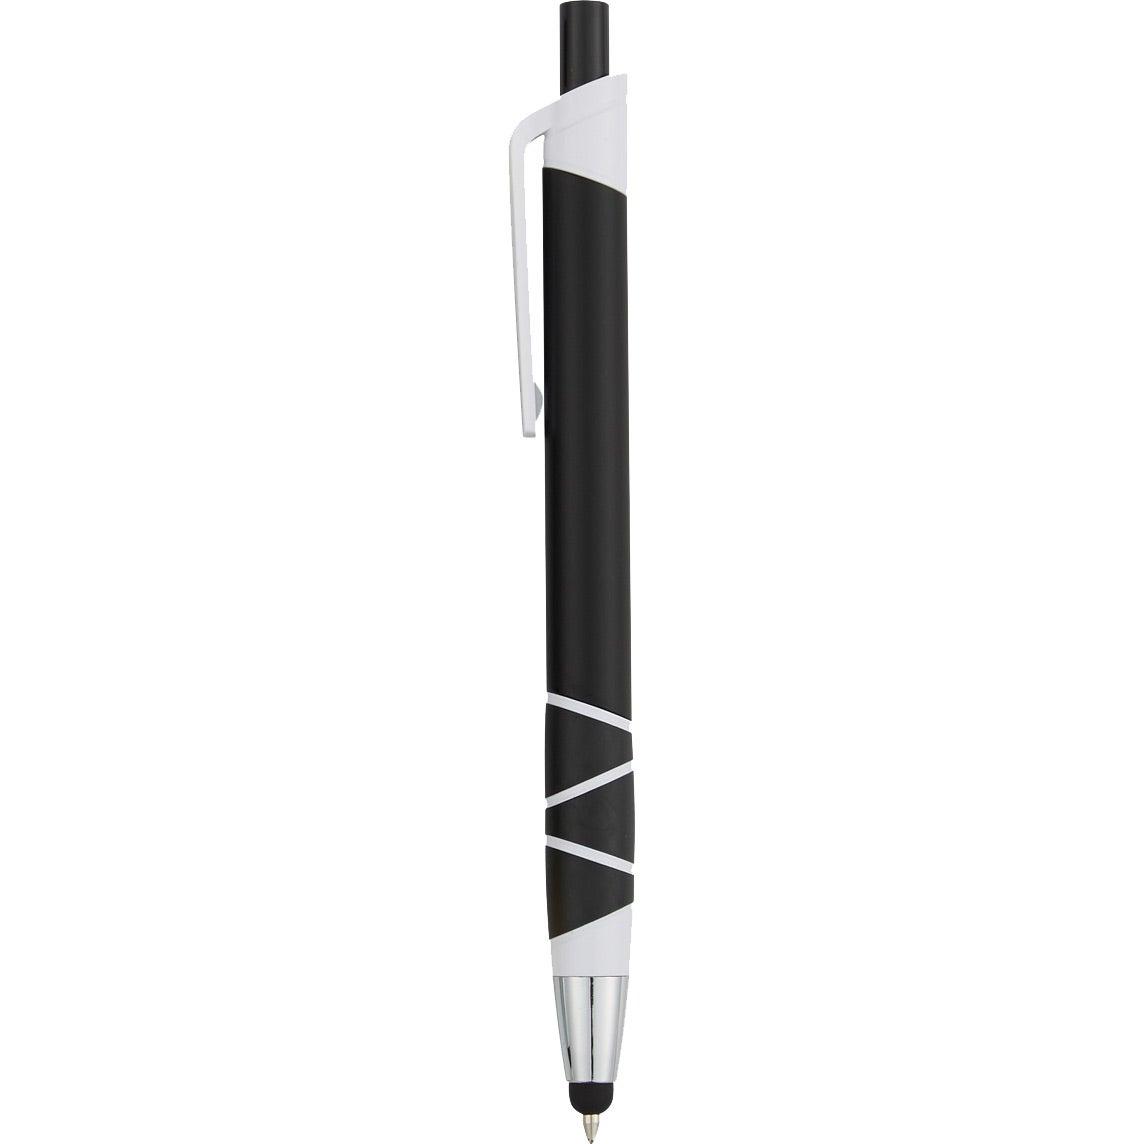 Ribbon Stylus Grip Pen